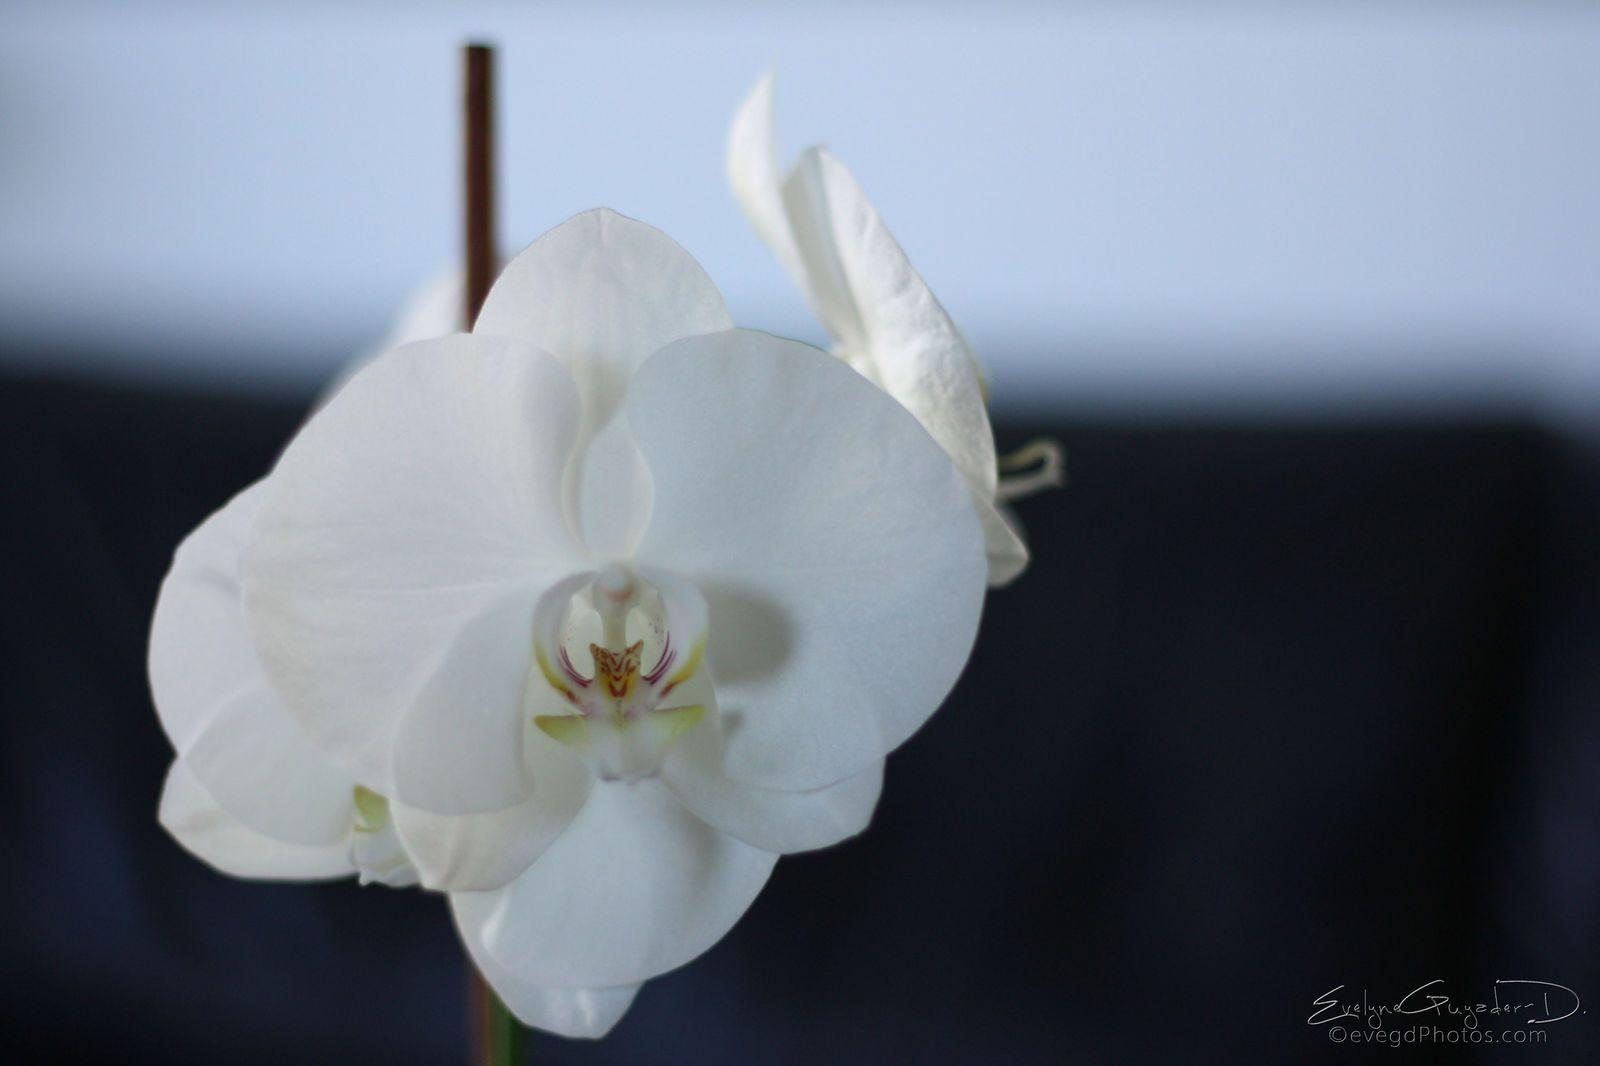 La blanche.. texturée, nature ou en noir et blanc..